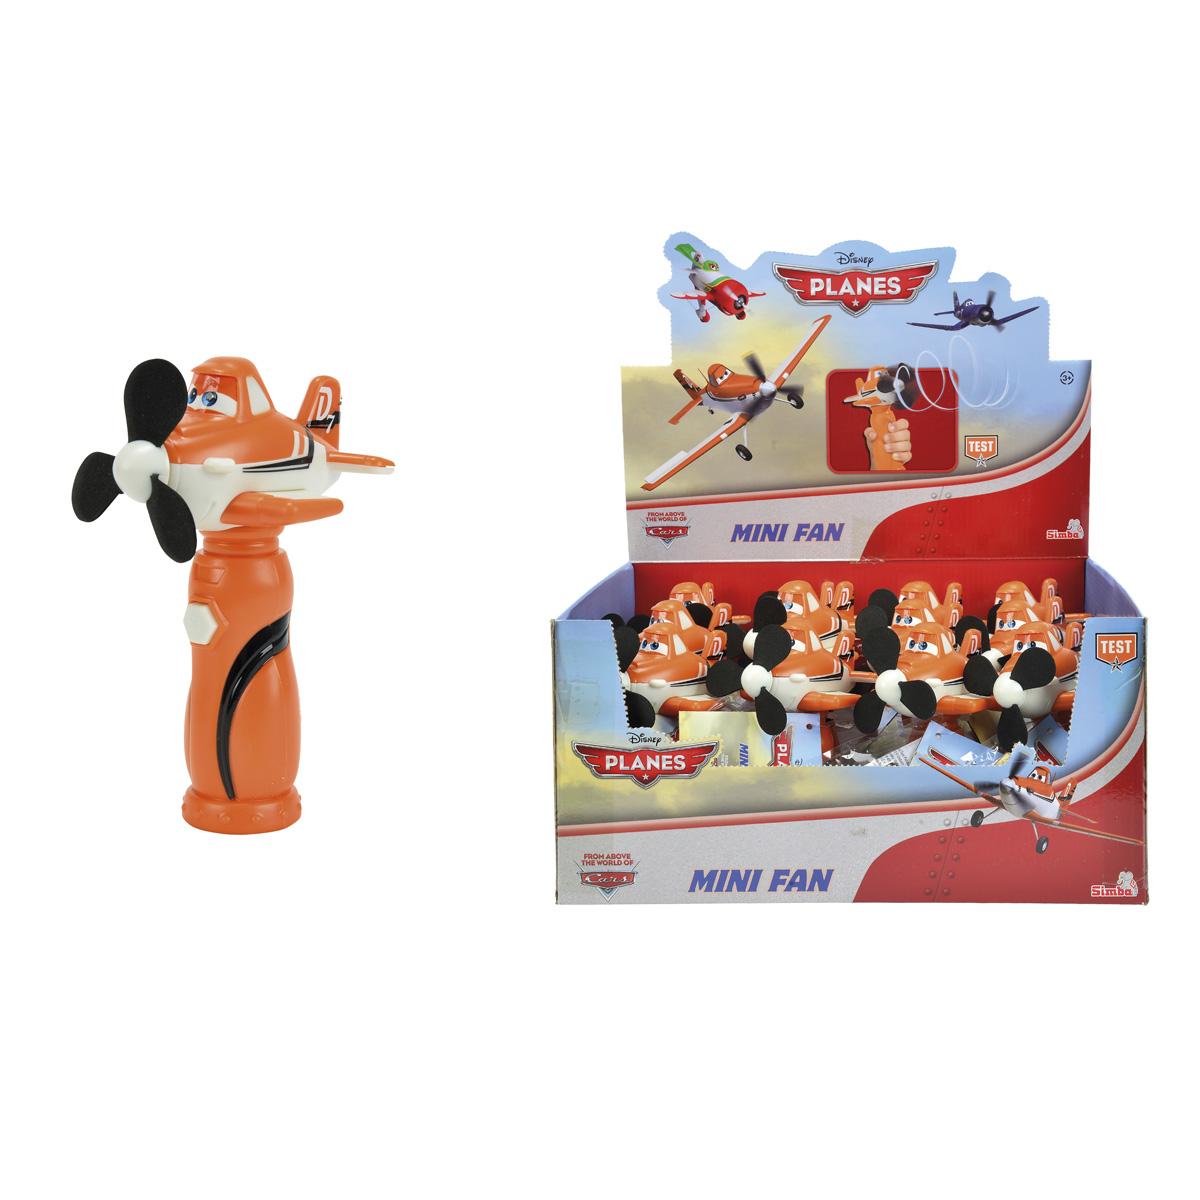 Simba Запускное устройство Самолеты7050098Данный игровой набор предназначен для игры подвижным и активным детям, которые могут играть как с родителями, так и со своими друзьями. Игровые правила: один из игроков помещает пропеллер диск в ракетку ловушку и выдёргивает шнур, после чего диск взлетает в воздух, а второй игрок должен его поймать, а потом обратно запустить первому игроку. В игровой набор входит две ловушки ракетки, которые имеют ручное пусковое устройство и пять дисковых пропеллеров. В продаже имеется несколько цветовых вариантов. Игра способна развивать ловкость, координацию движений, скорость реакции и меткость.